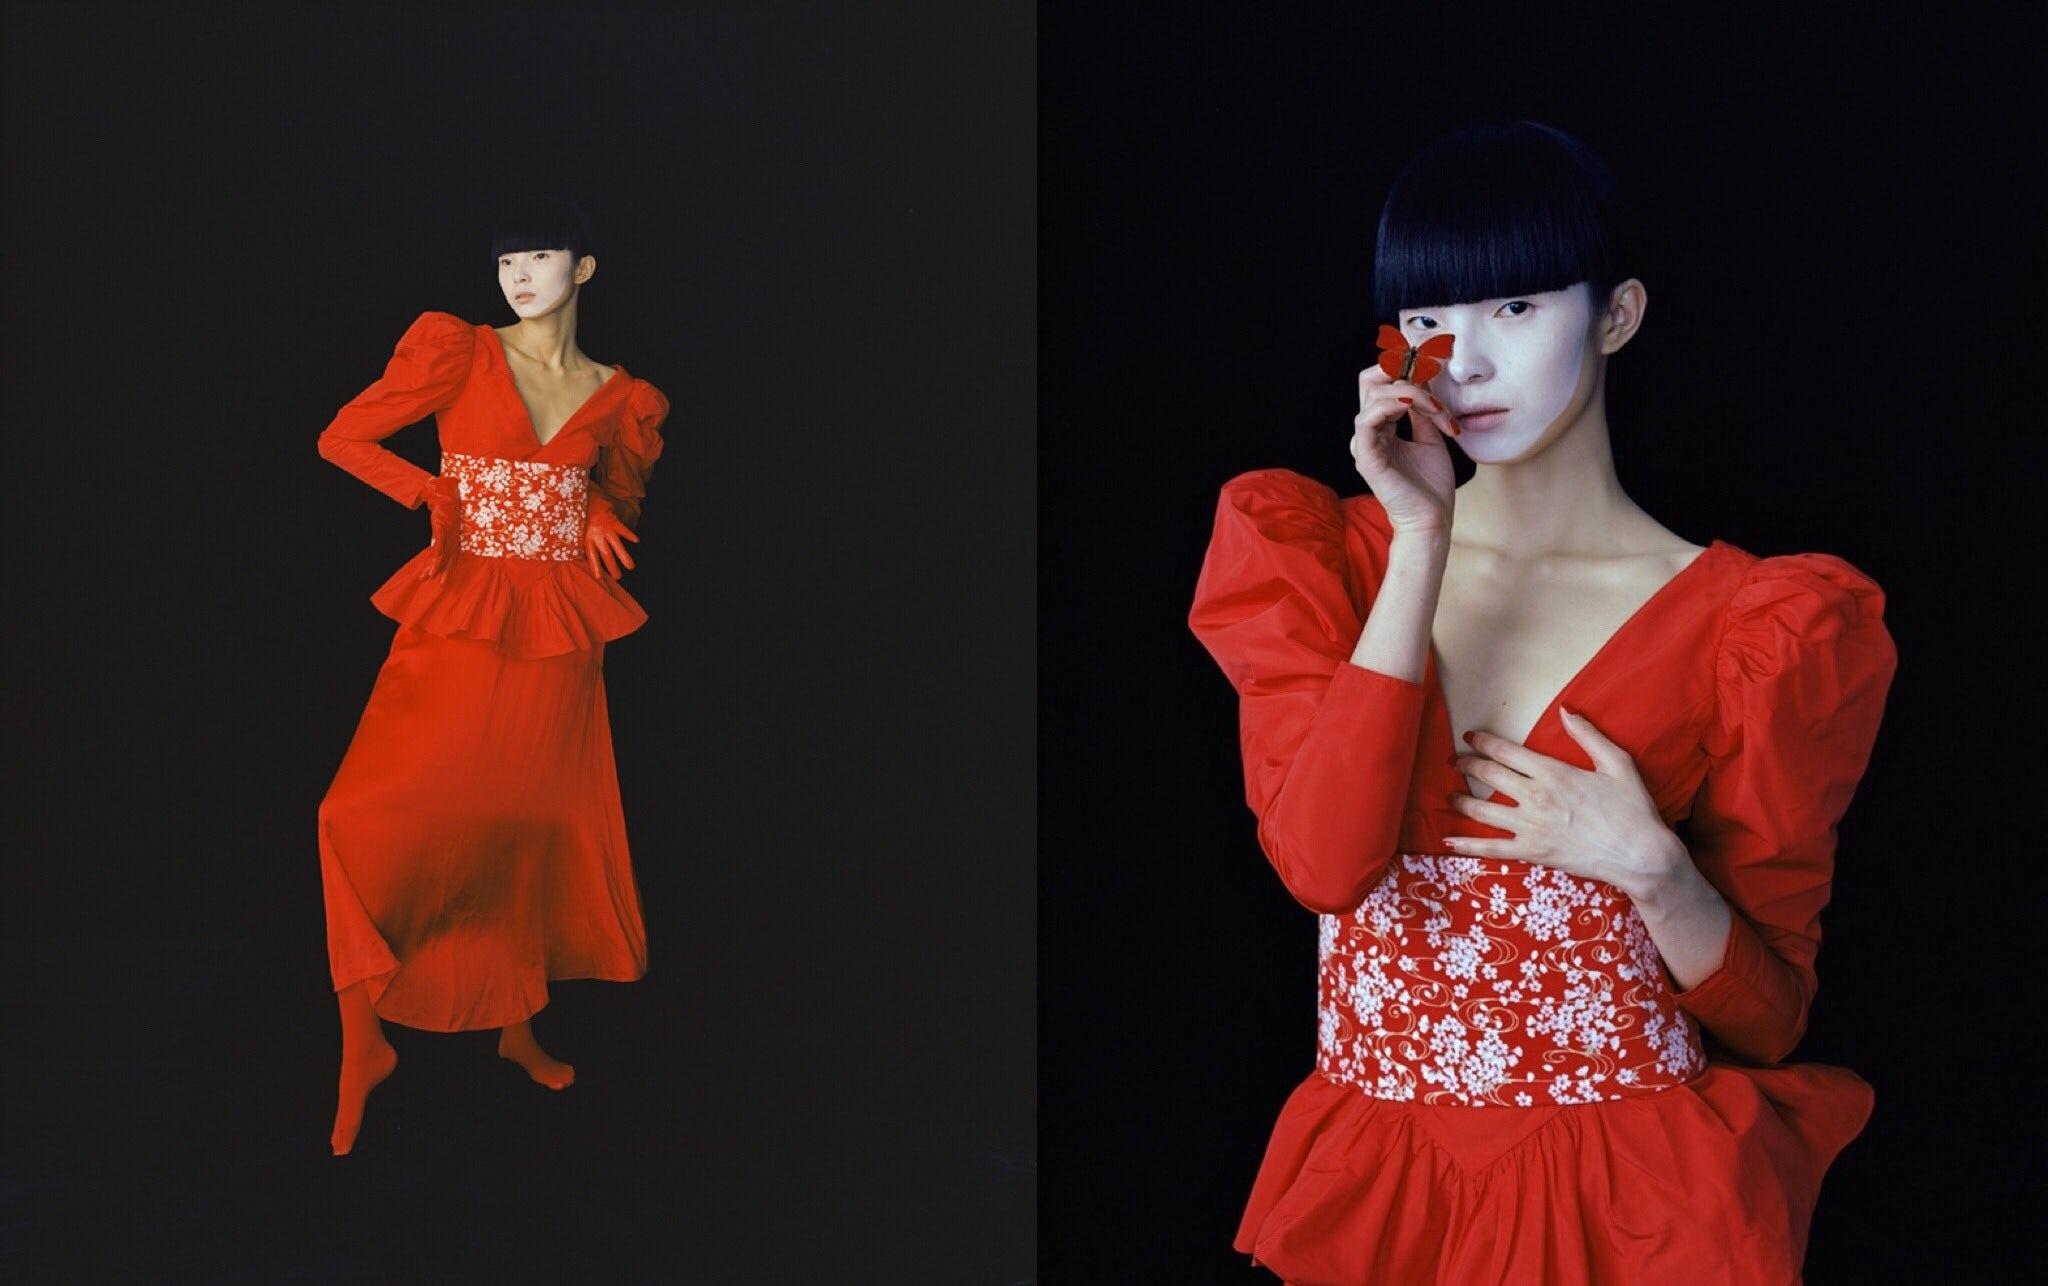 Xiao Wen Ju in Shushu/Tong by Leslie Zhang   Source: Courtesy